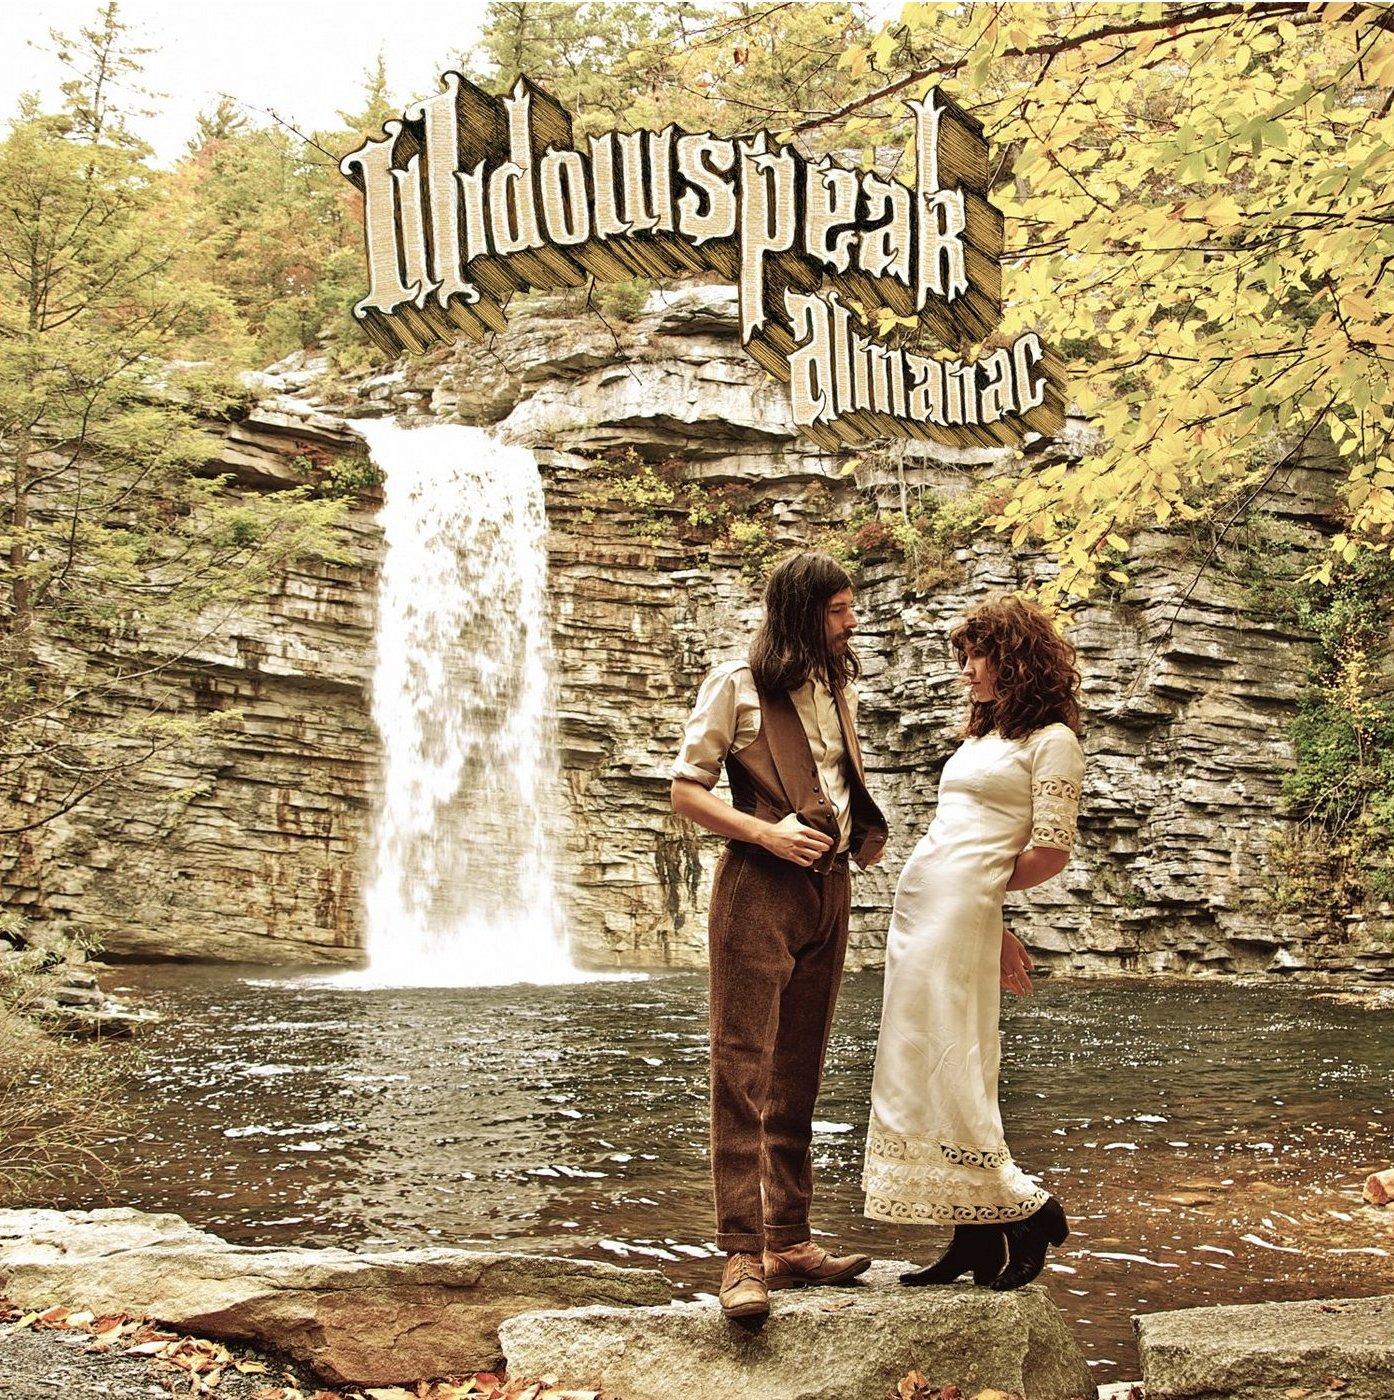 Vinilo : Widowspeak - Almanac (LP Vinyl)